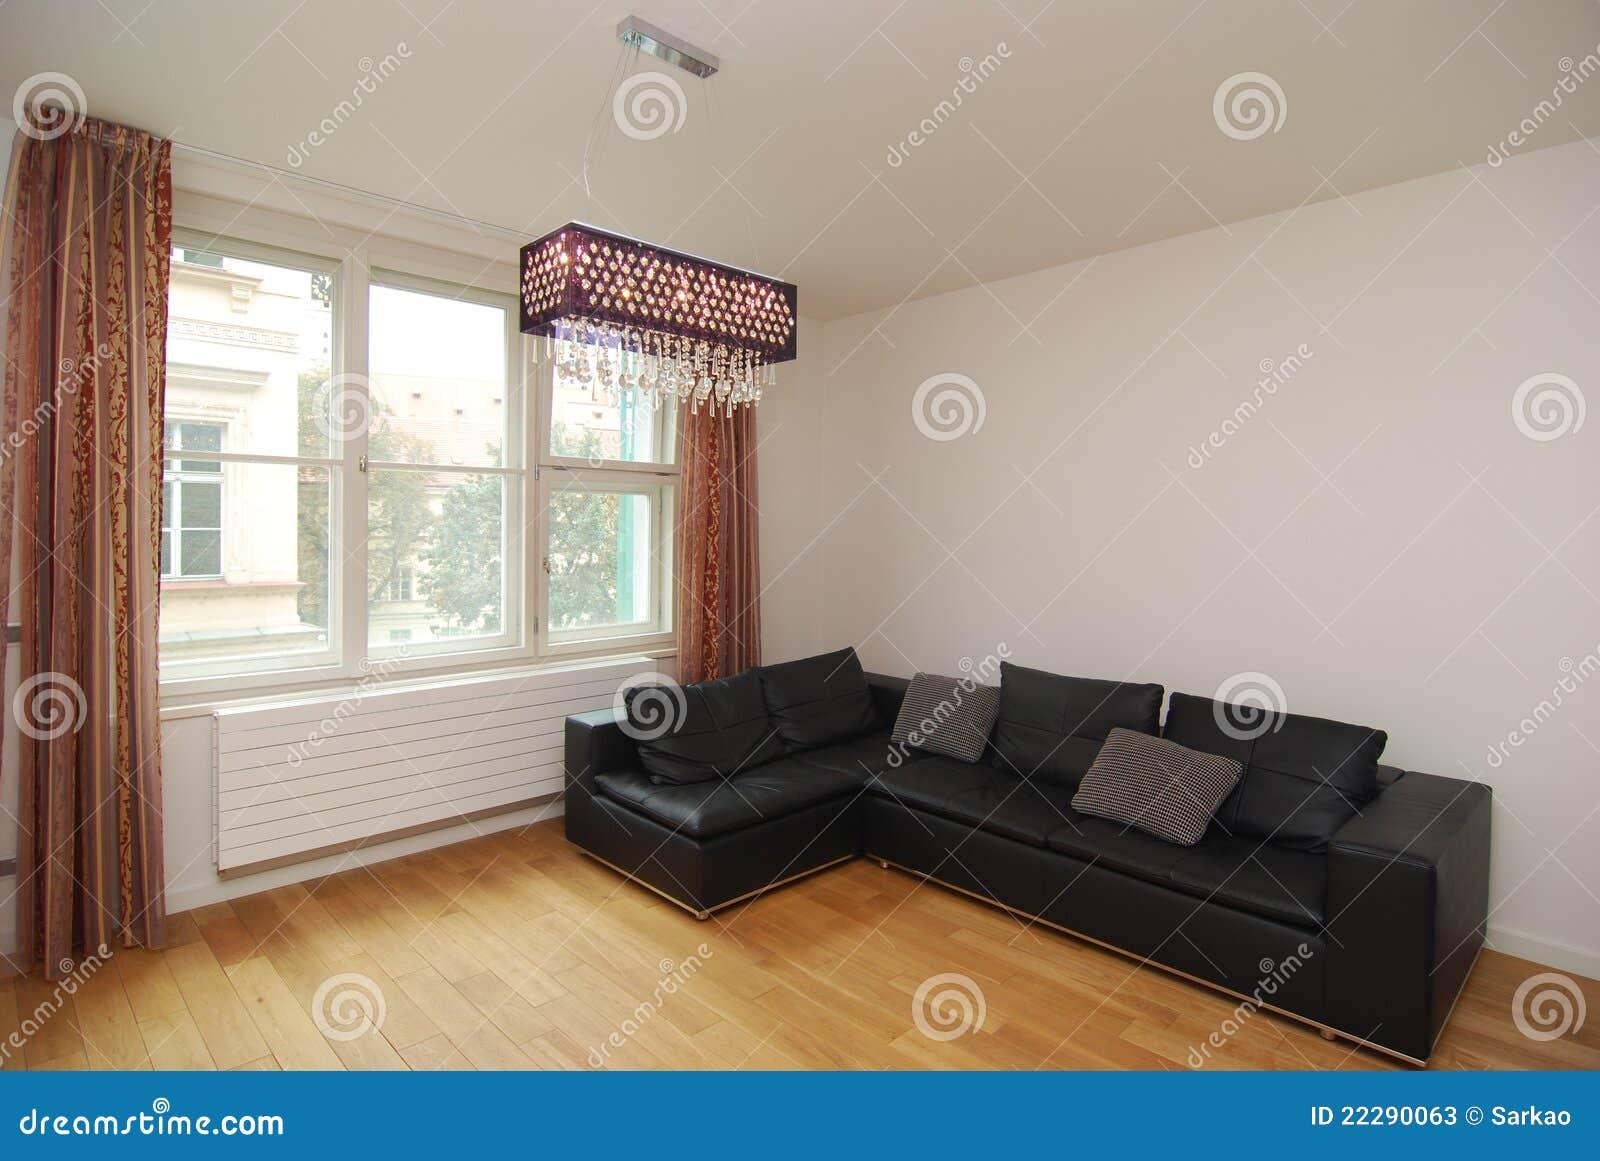 Einfaches Modernes Wohnzimmer Stockbild - Bild von leben, couch ...